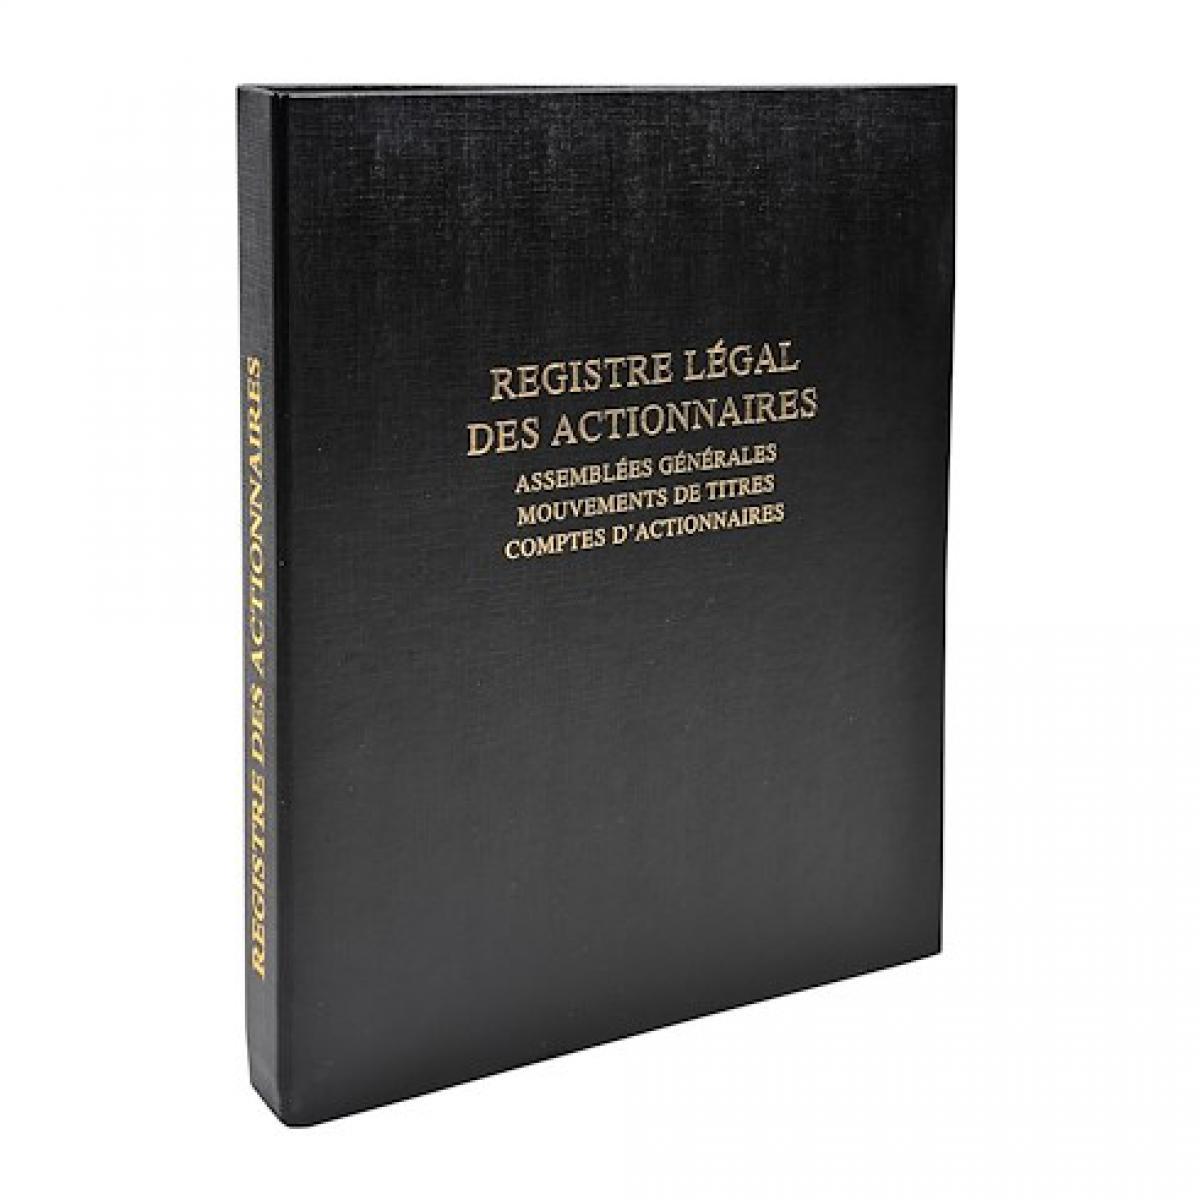 Le Dauphin Registre des actionnaires Dauphin 942D 26,5 x 32 cm.